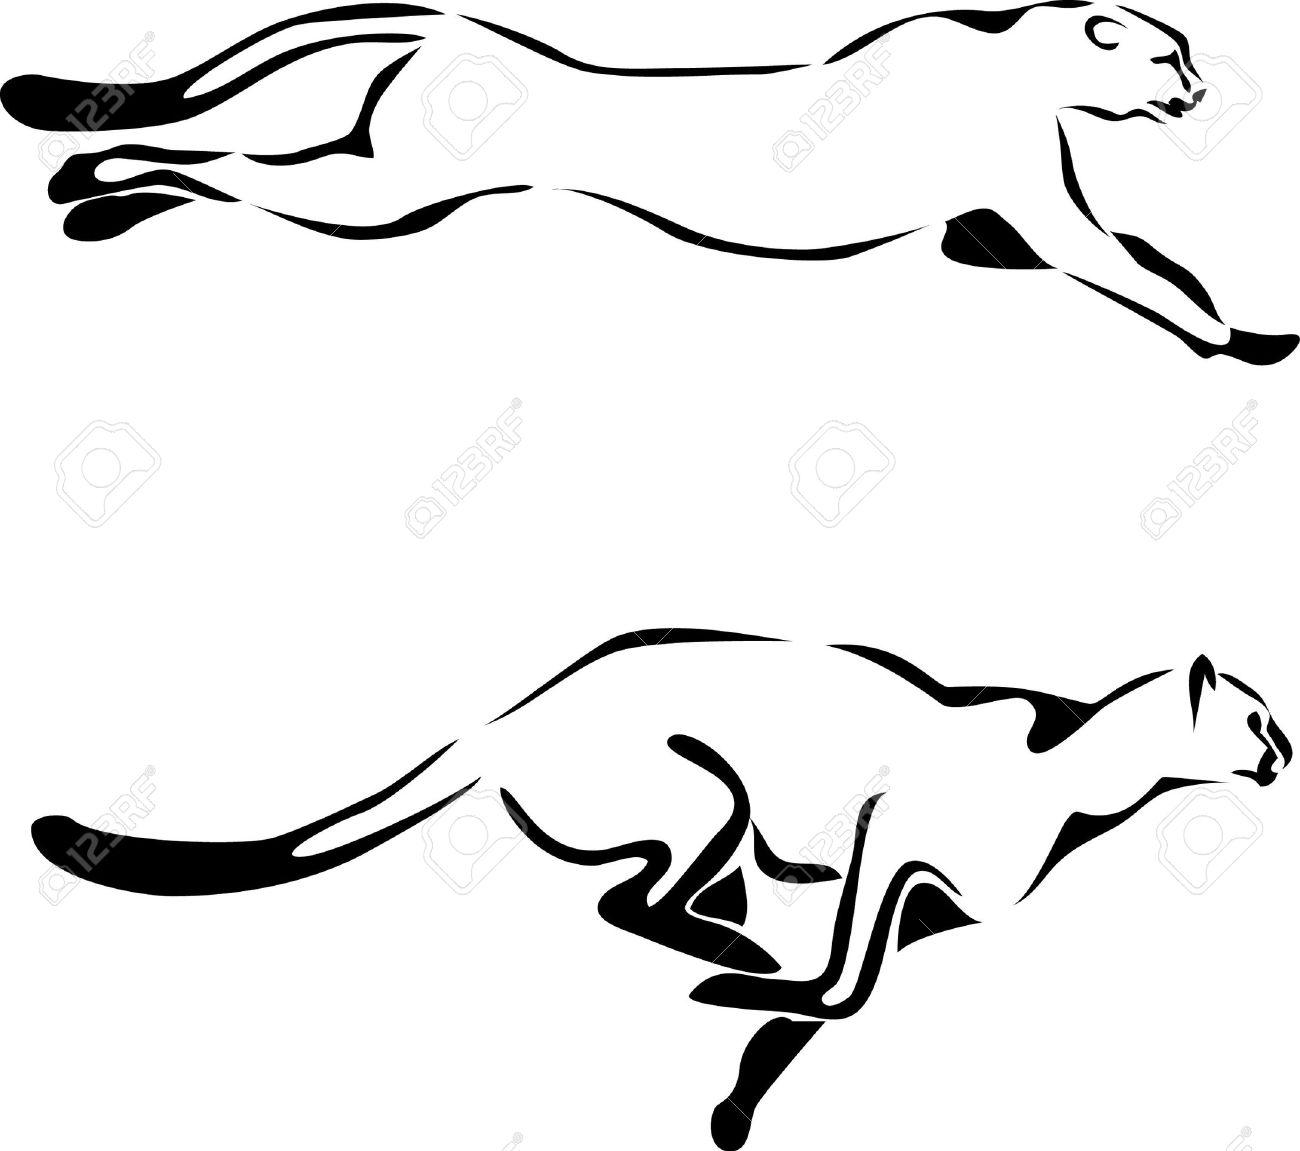 cheetah logo royalty free cliparts vectors and stock illustration image 10709627 cheetah logo